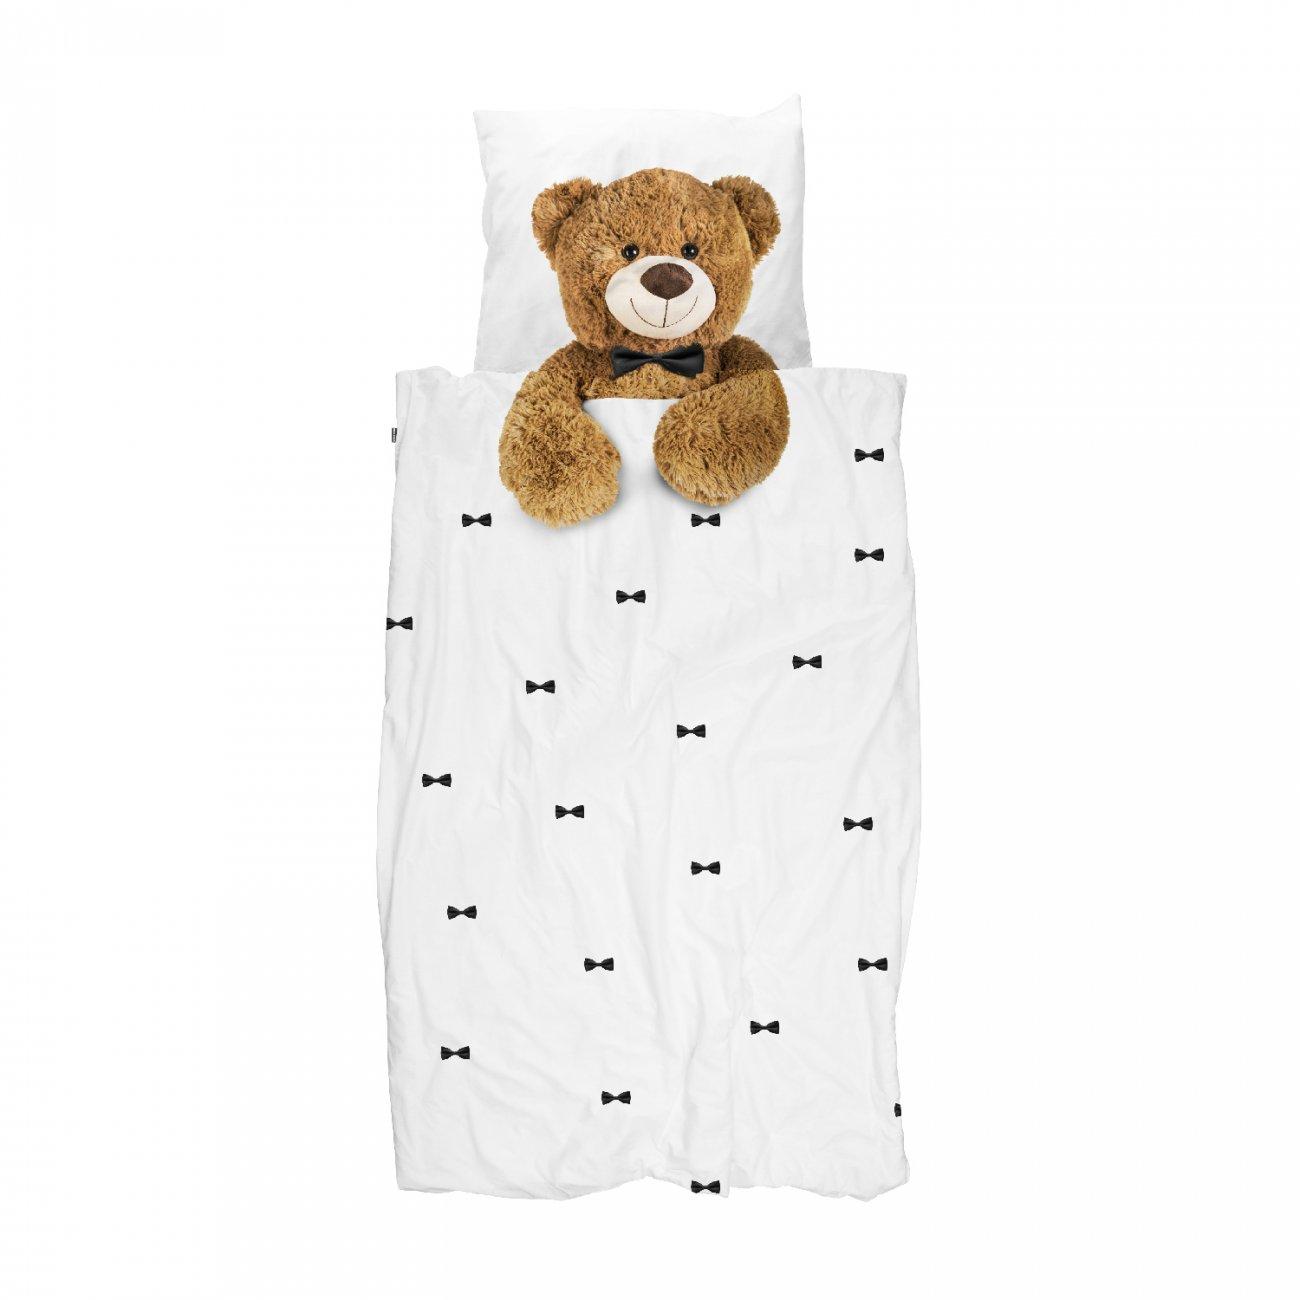 Snurk dekbedovertrek Teddy - 140x220